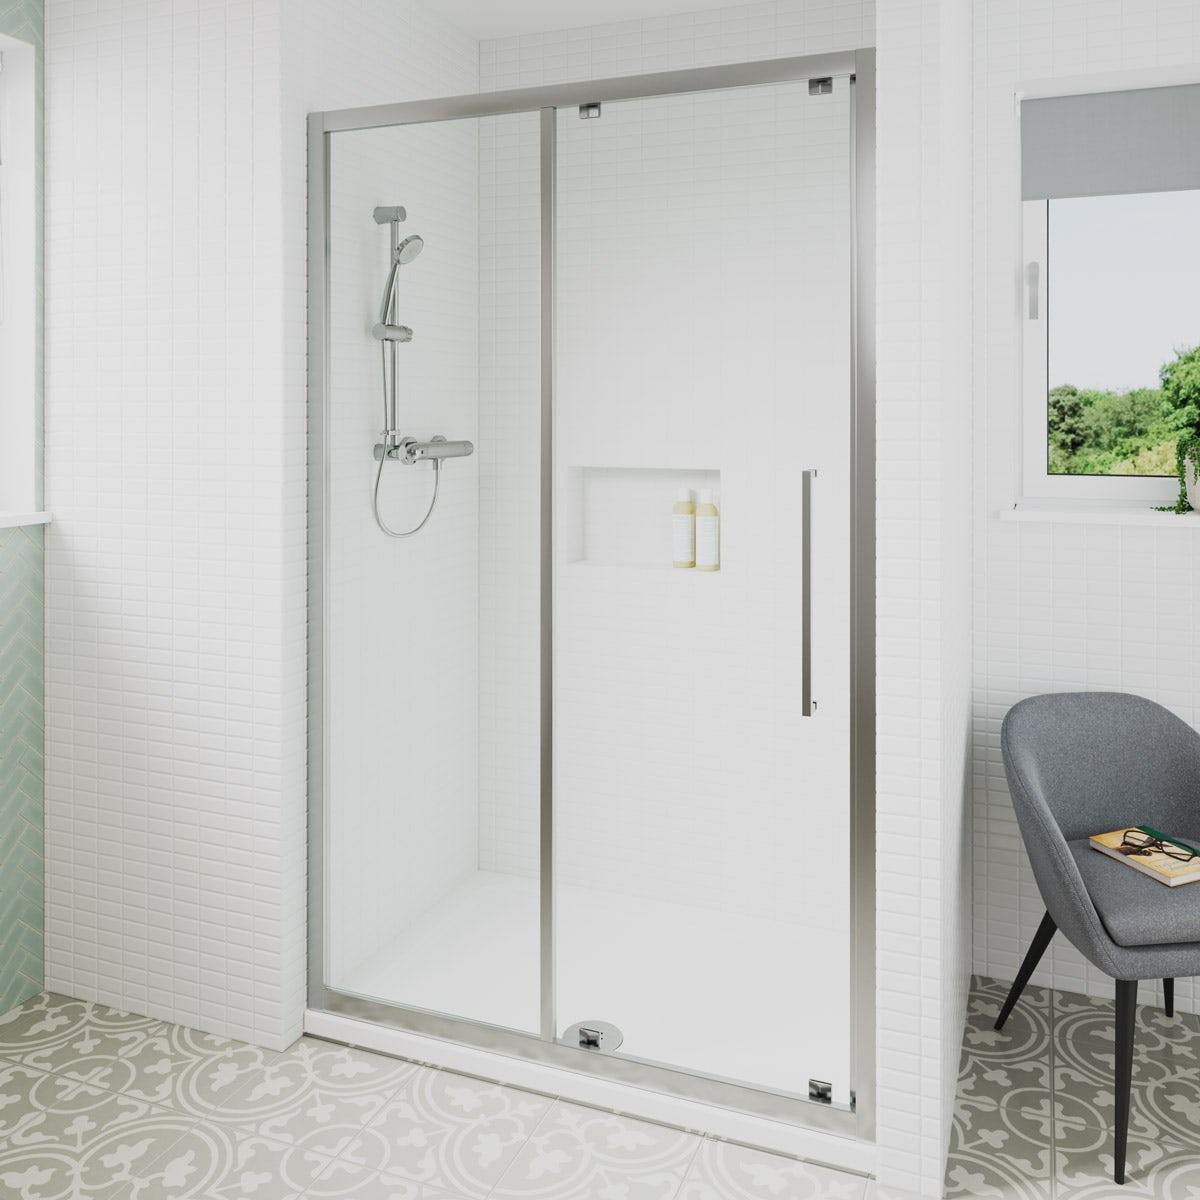 Ideal Standard 6mm sliding door rectangular shower door 1200